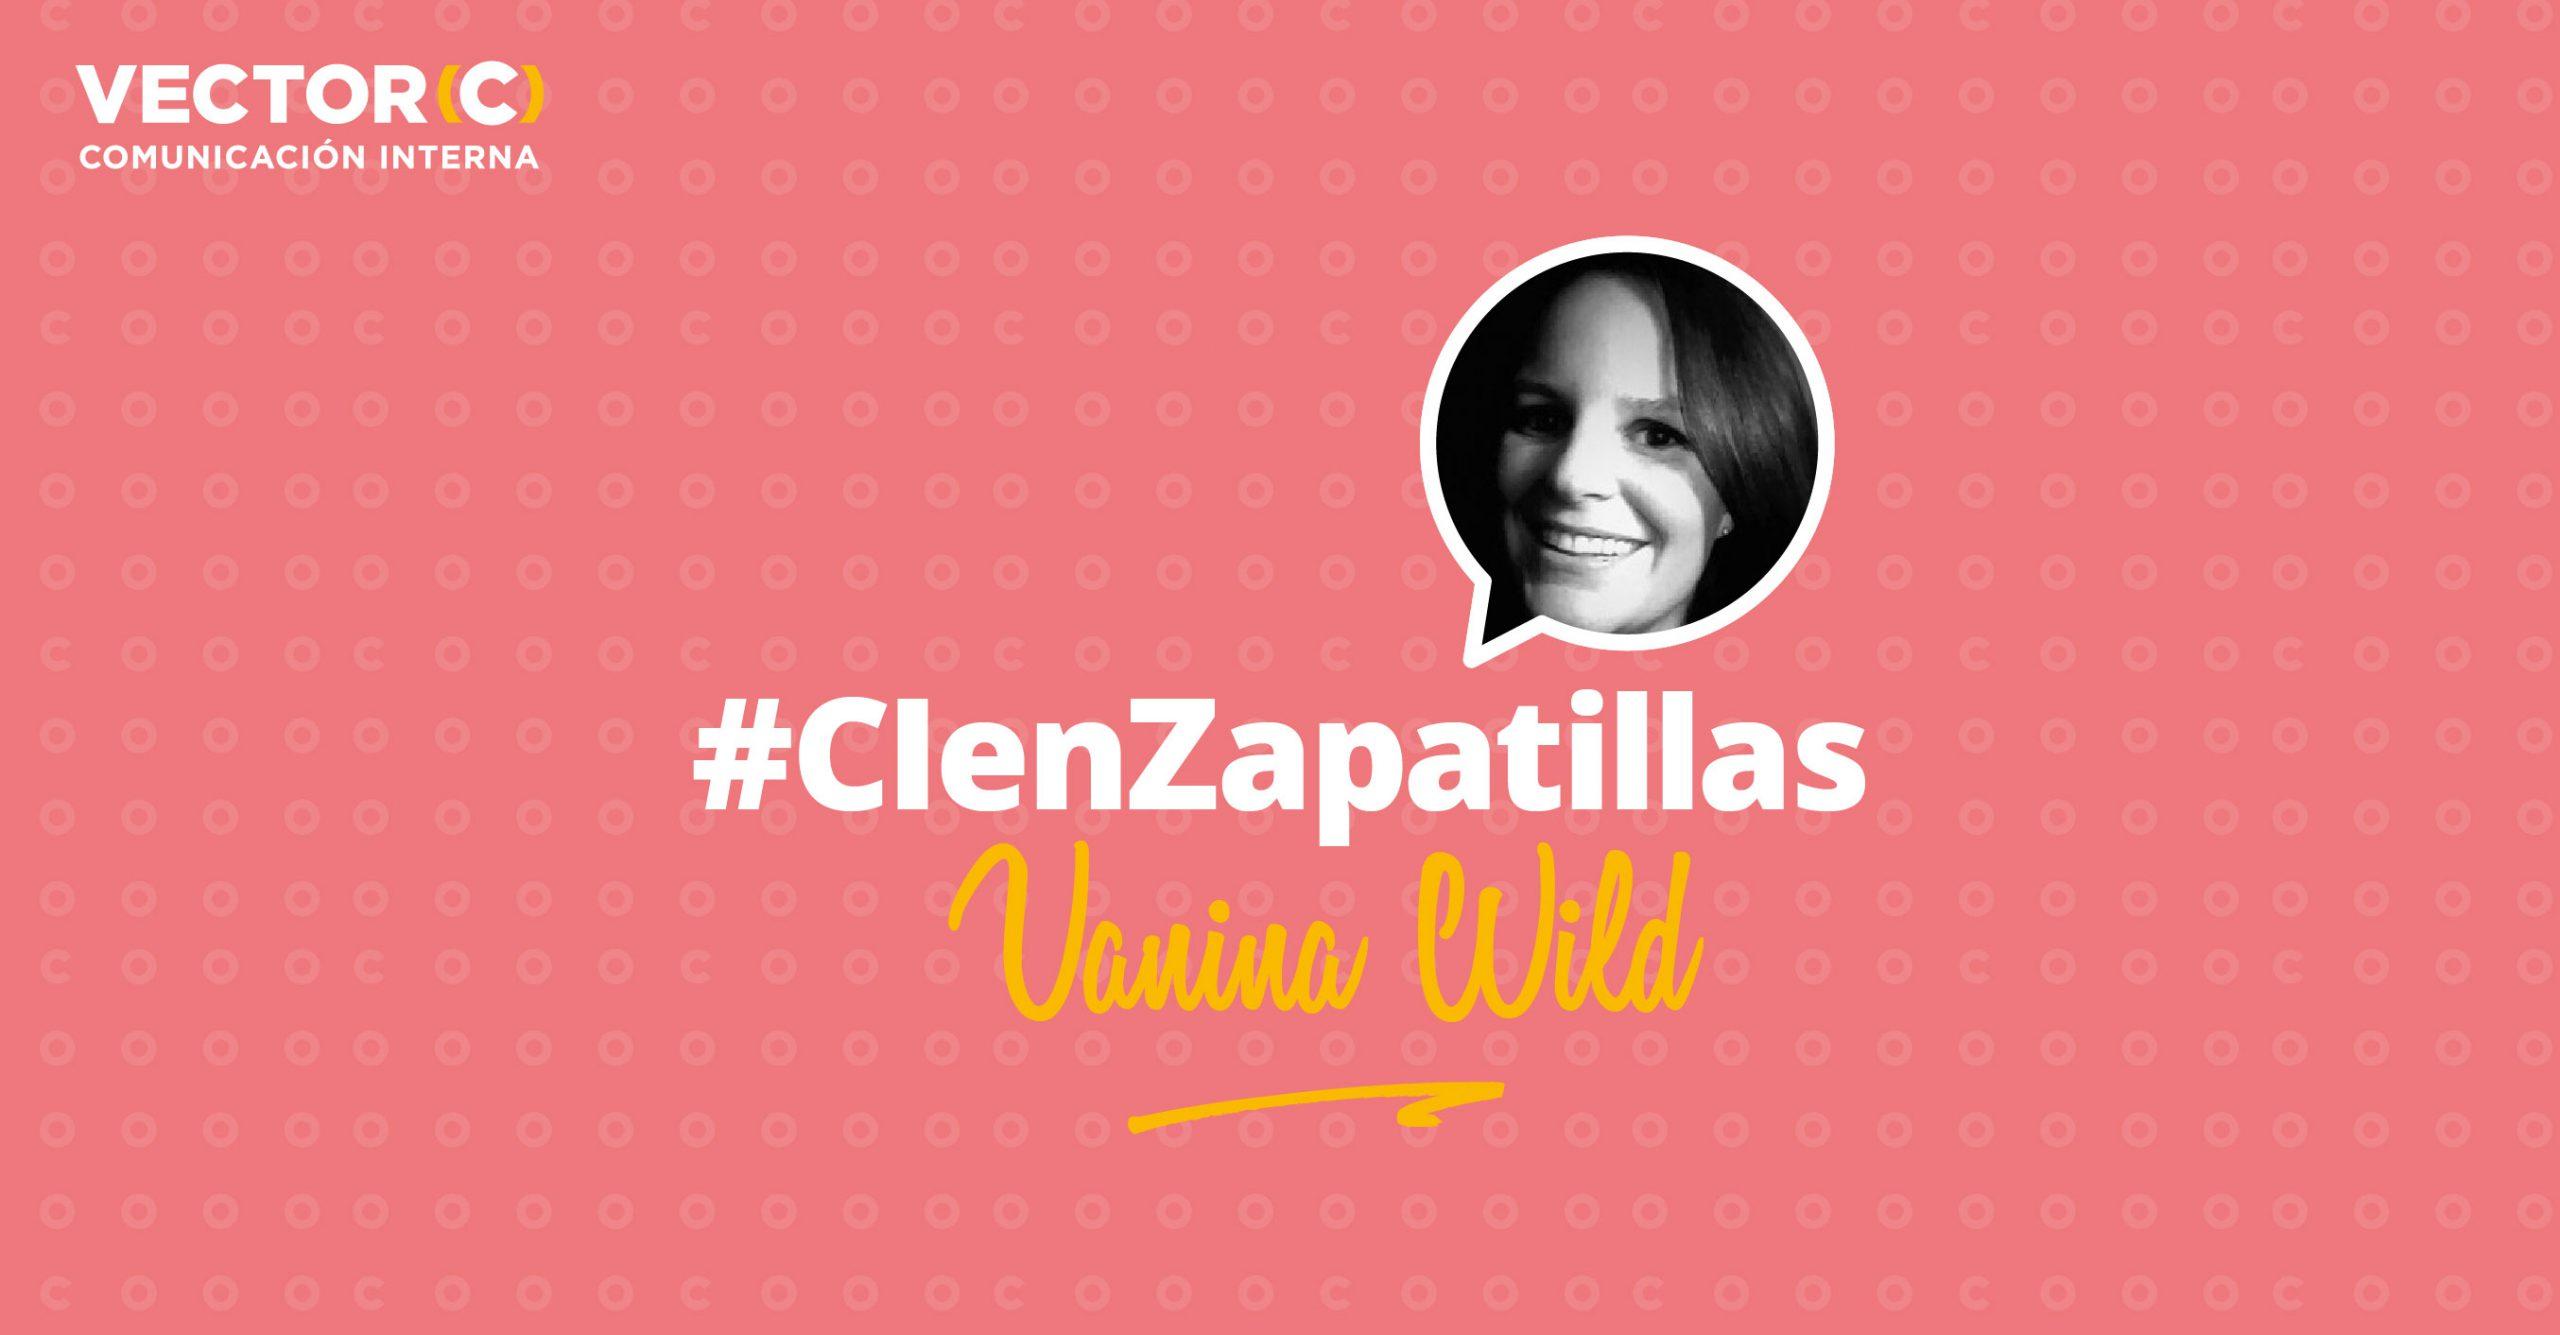 #CIenZapatillas